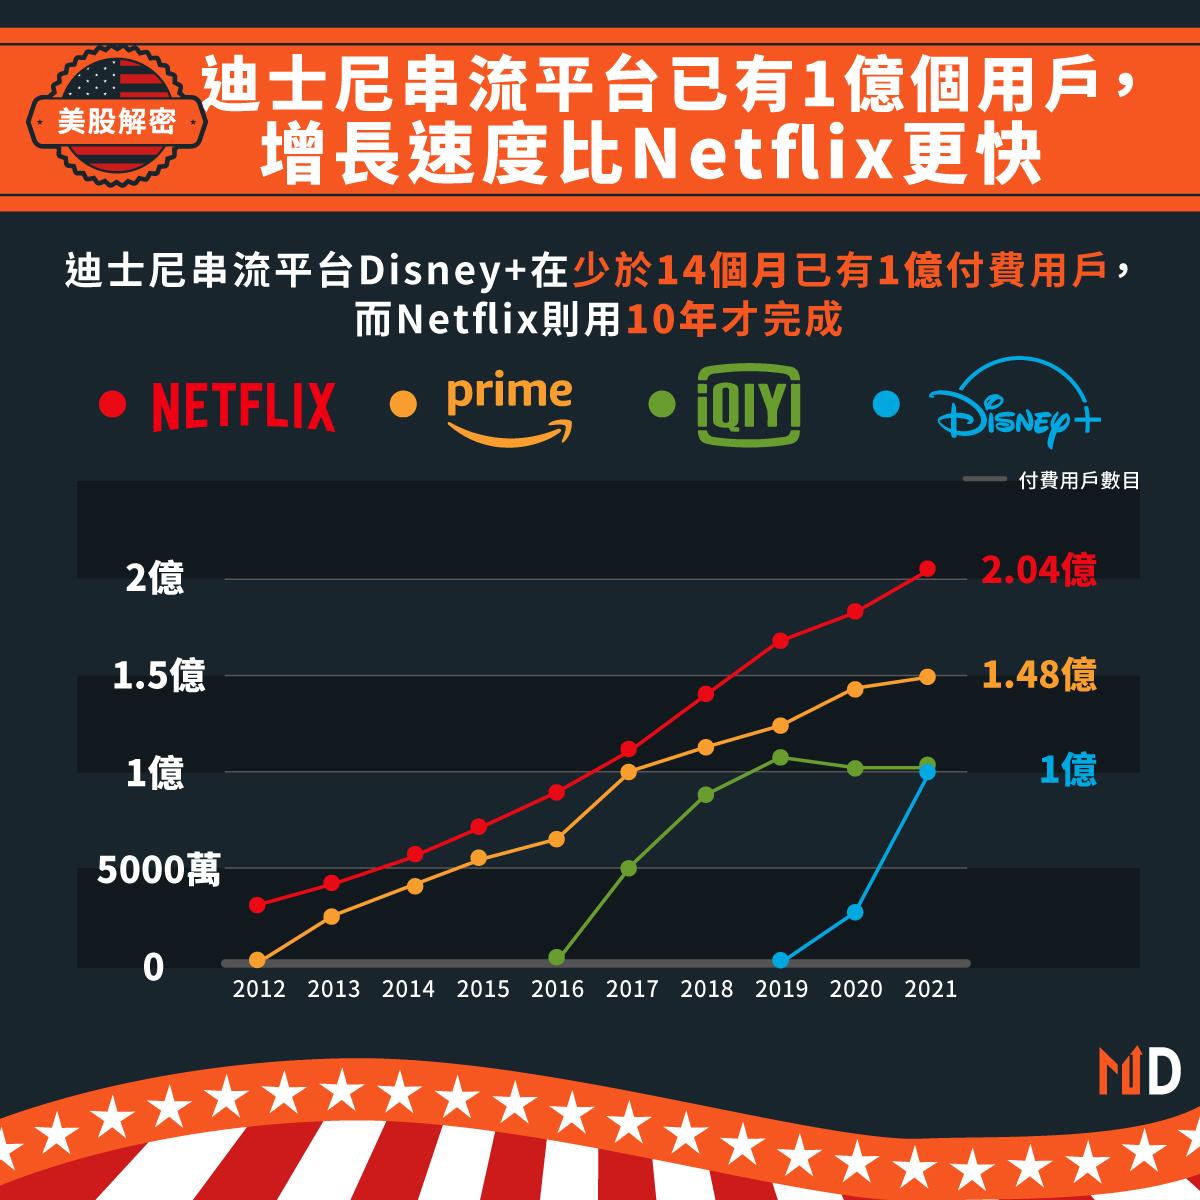 迪士尼Disney+已有1億個用戶